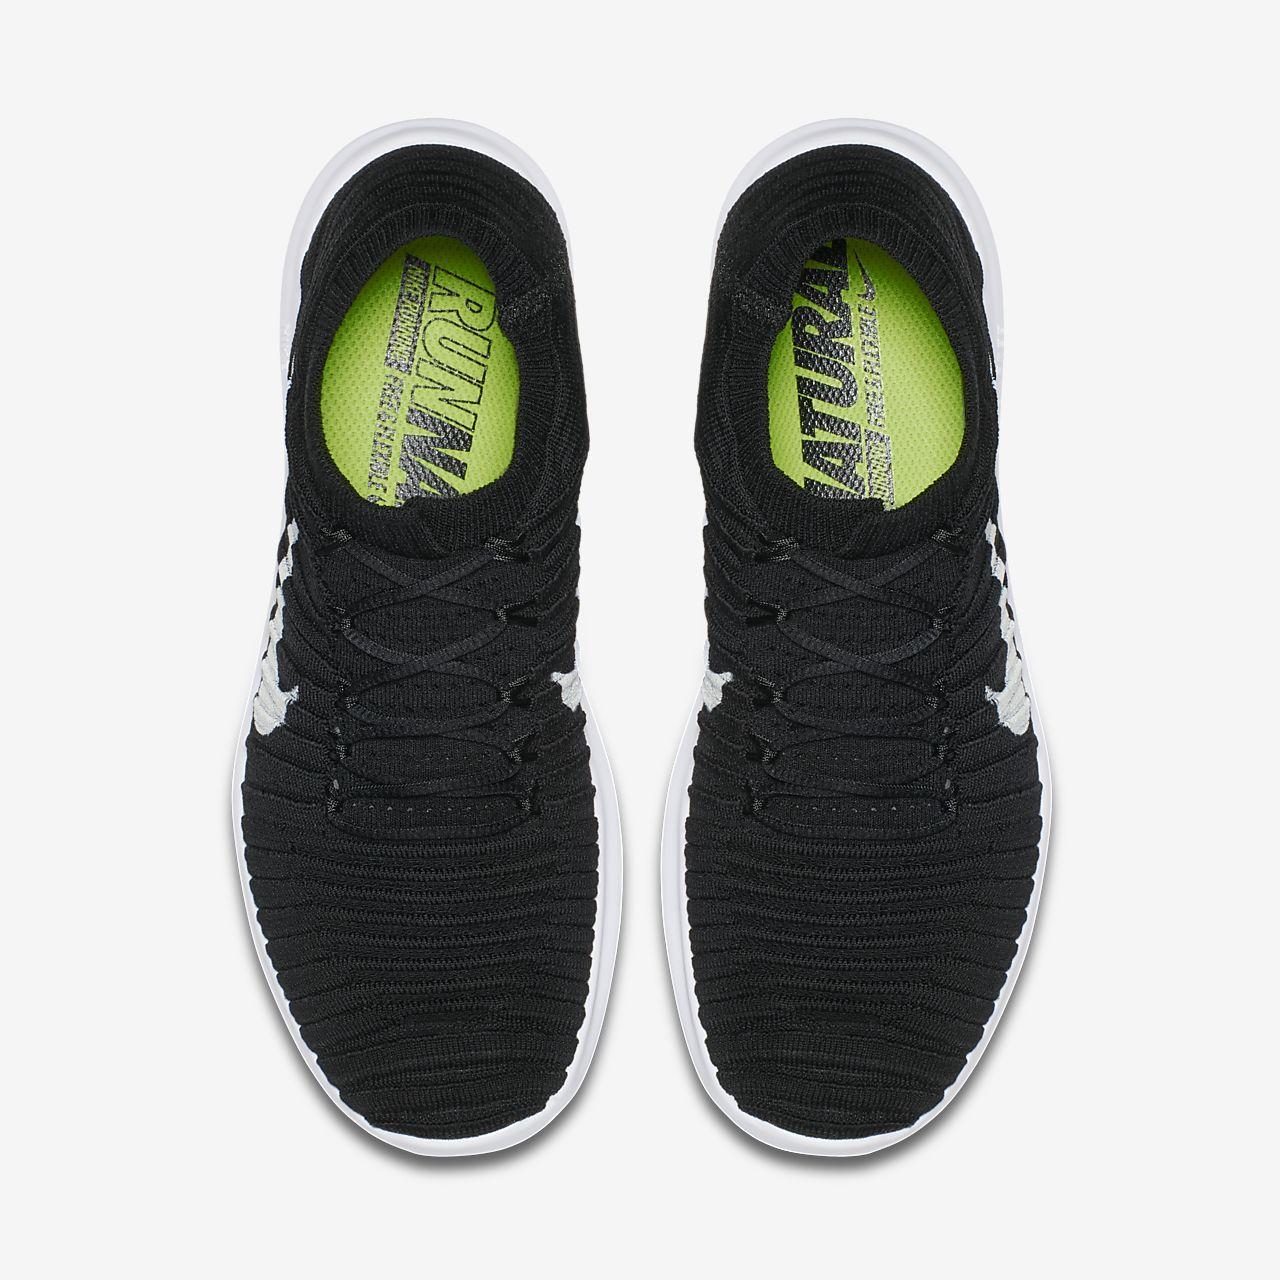 ... Nike Free RN Motion Flyknit Women's Running Shoe